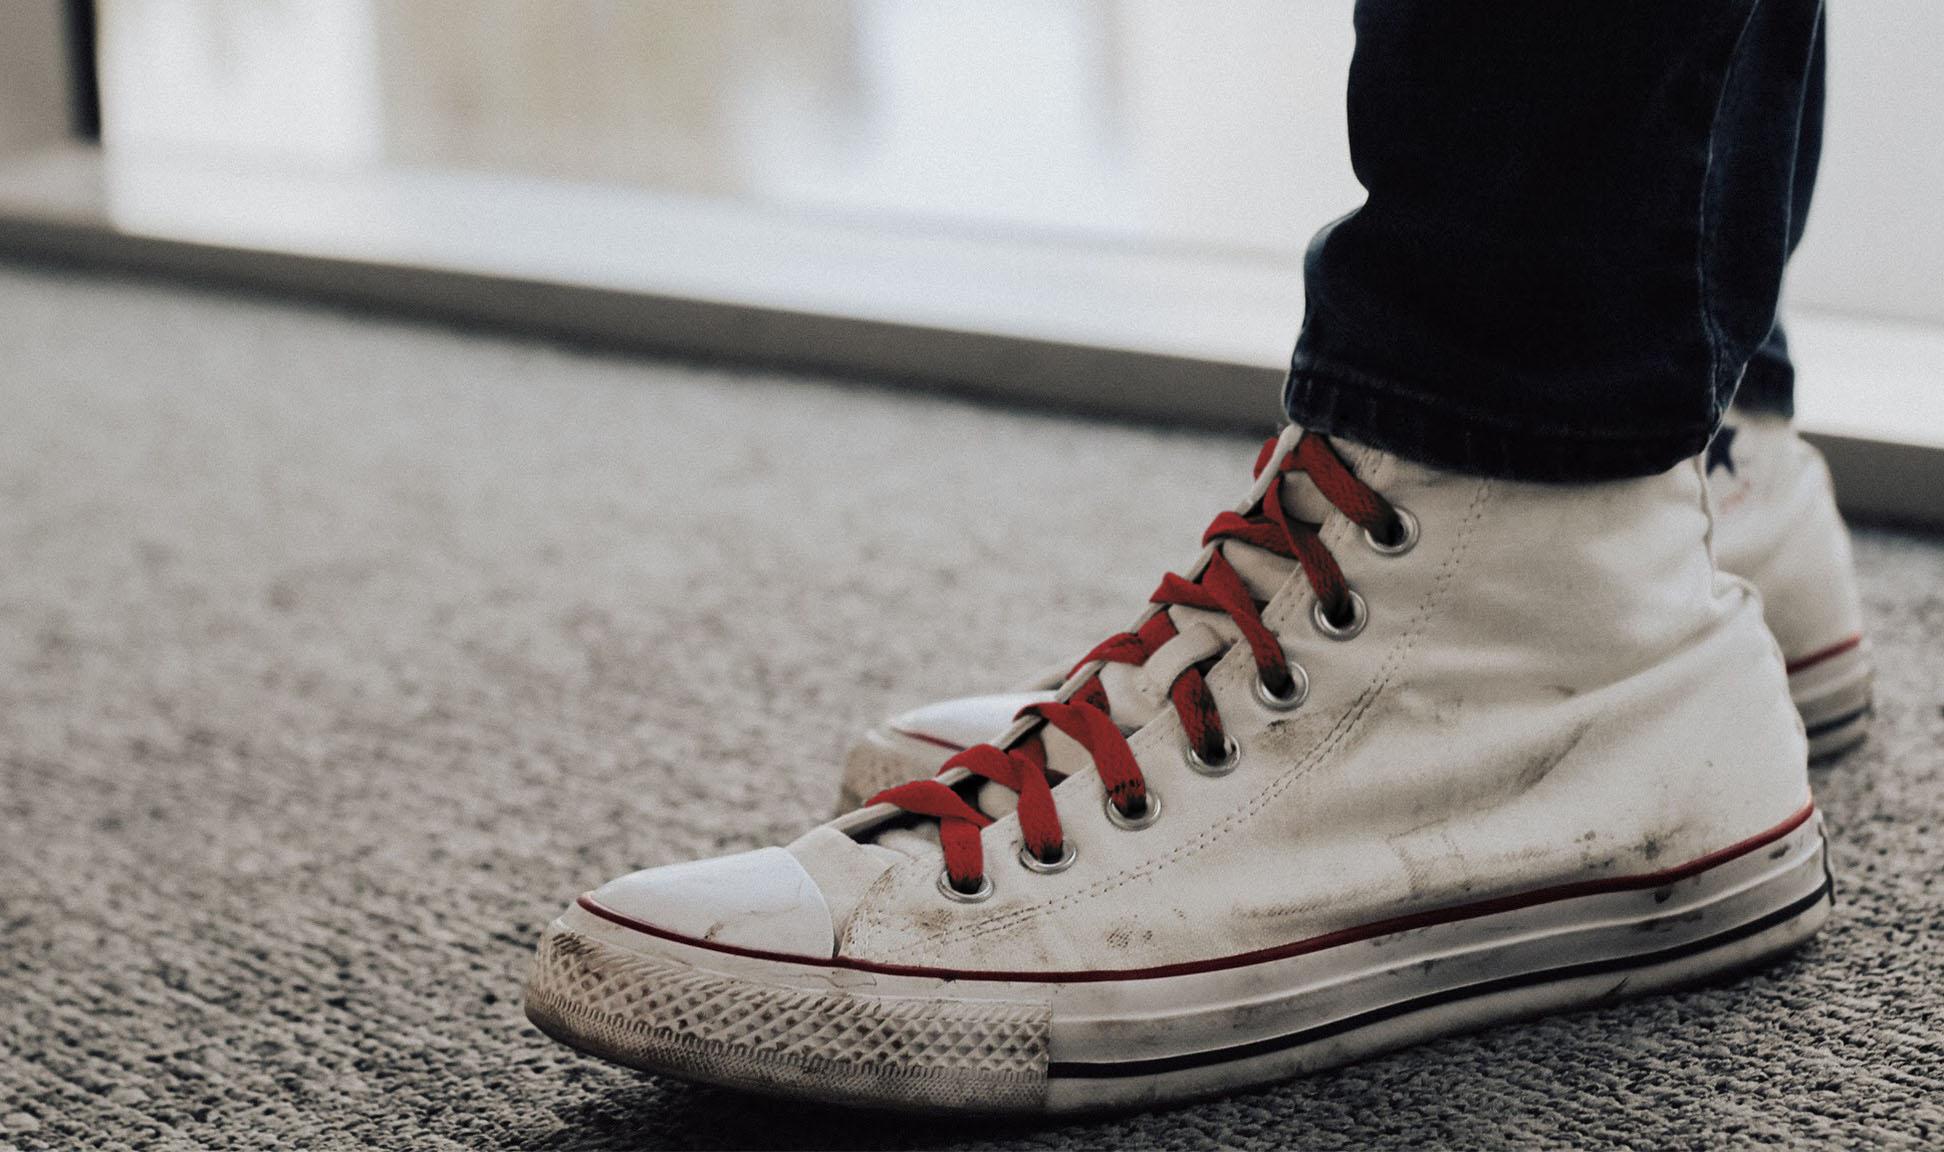 shoeskeepitclean.jpg